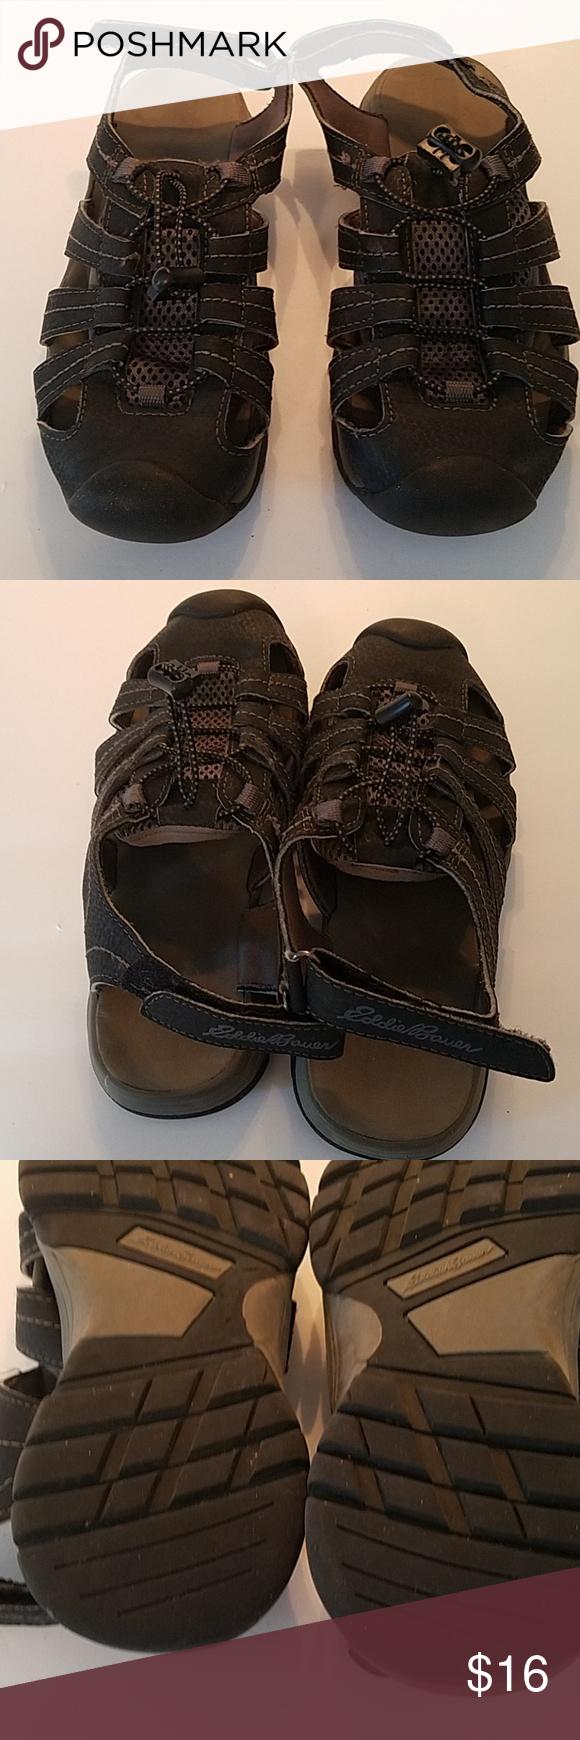 Eddie Bauer sandals Eddie bauer, Bauer, Fashion trends